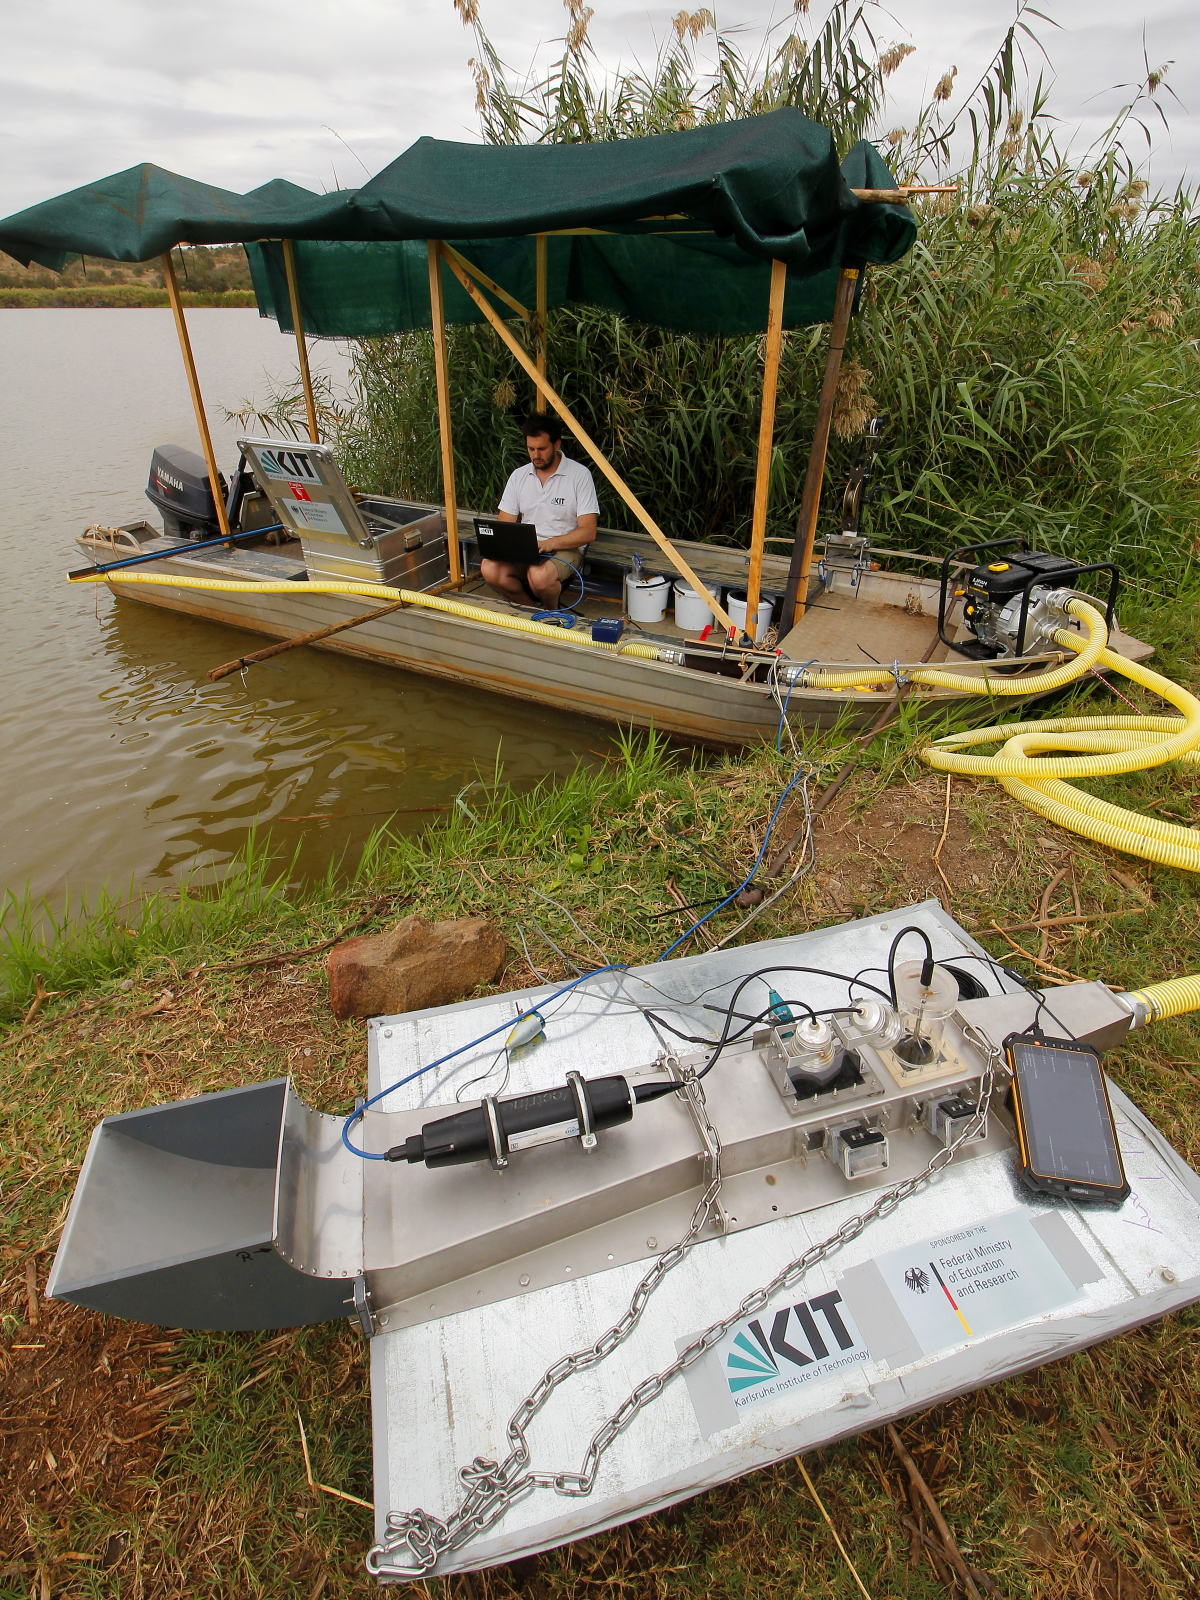 Im Vordergrund ist der Unterwasserströmungskanal zu sehen, welcher mit Kameras, Beleuchtung und Messtechnik ausgestattet ist. Über einen Schlauch ist er mit einer Pumpe auf einem Messboot verbunden